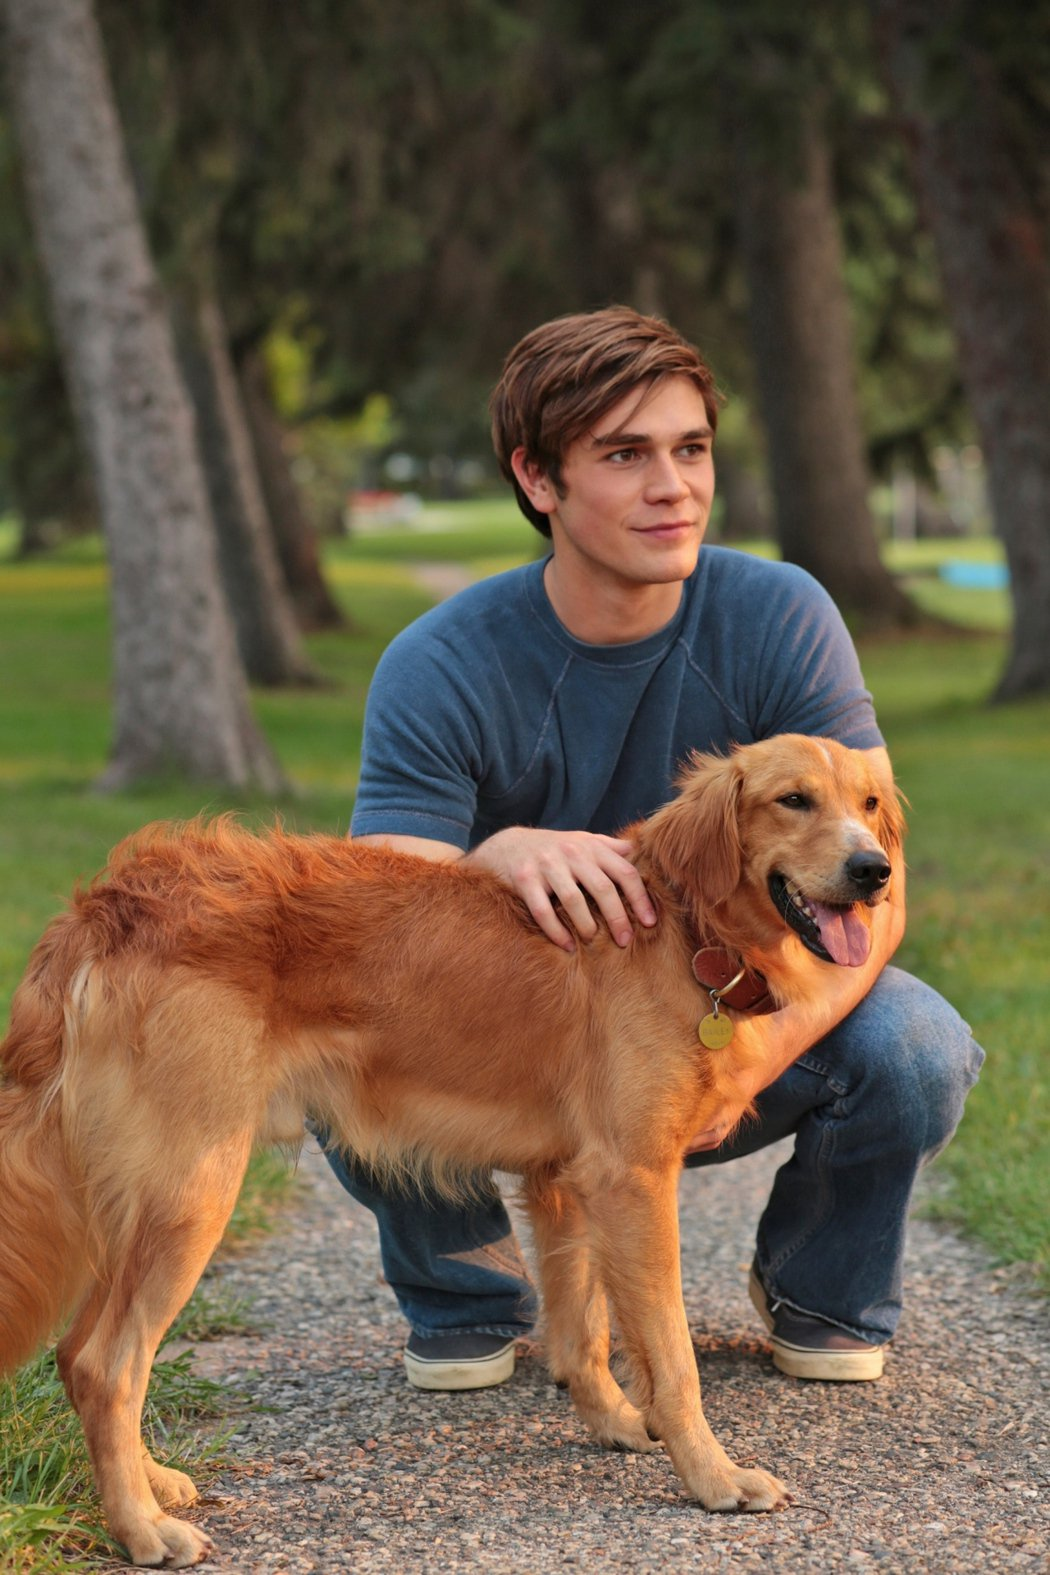 新片「為了與你相遇」改編自全球暢銷同名小說,以狗兒為第一人稱,描述穿越五十年時空...